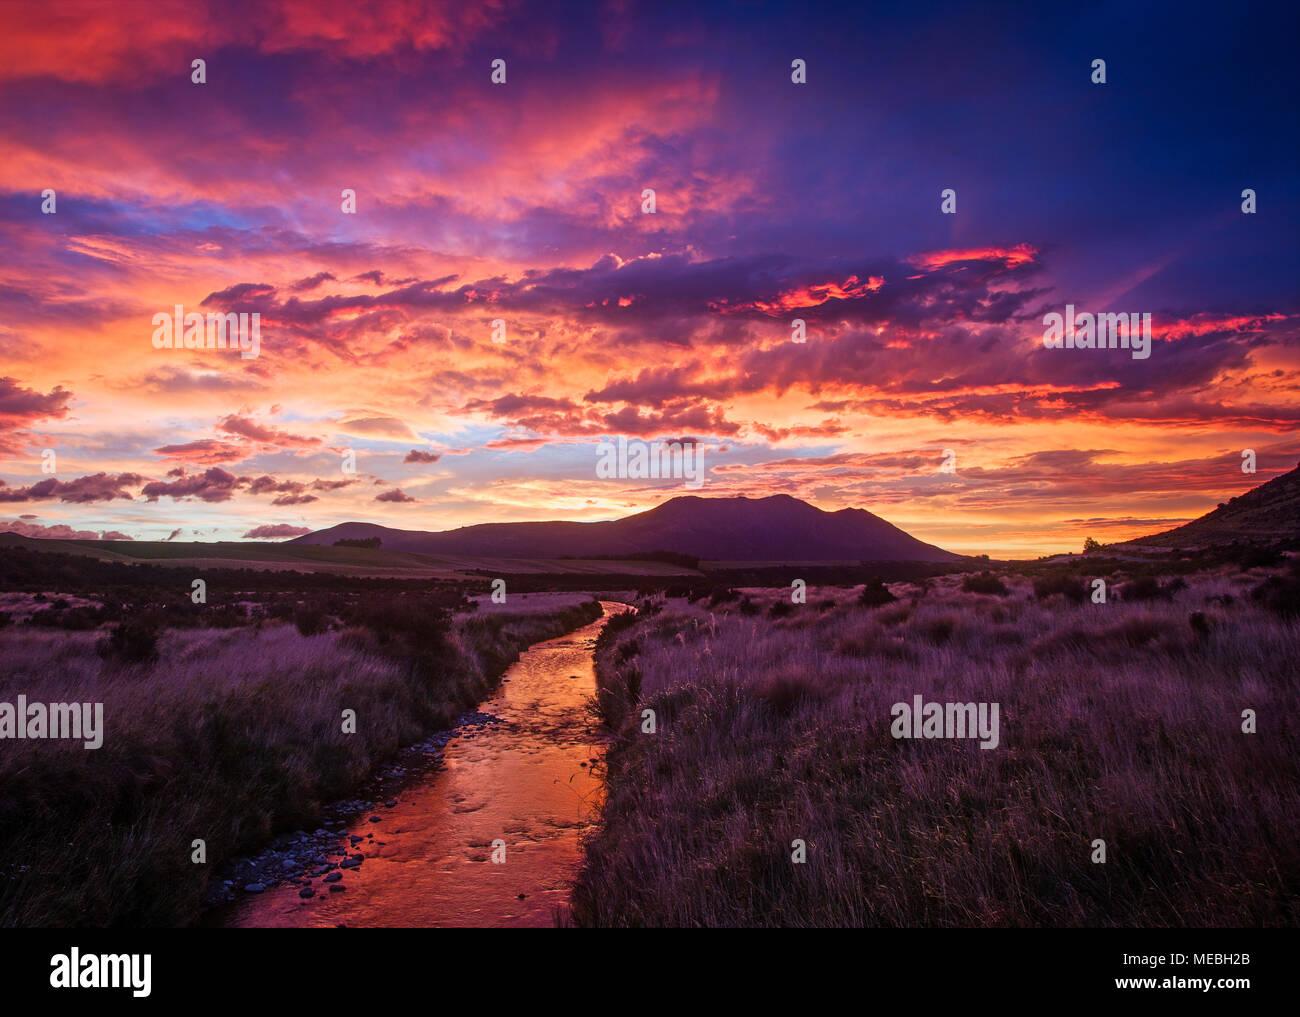 Sunrise over Southland , South Island, New Zealand. - Stock Image